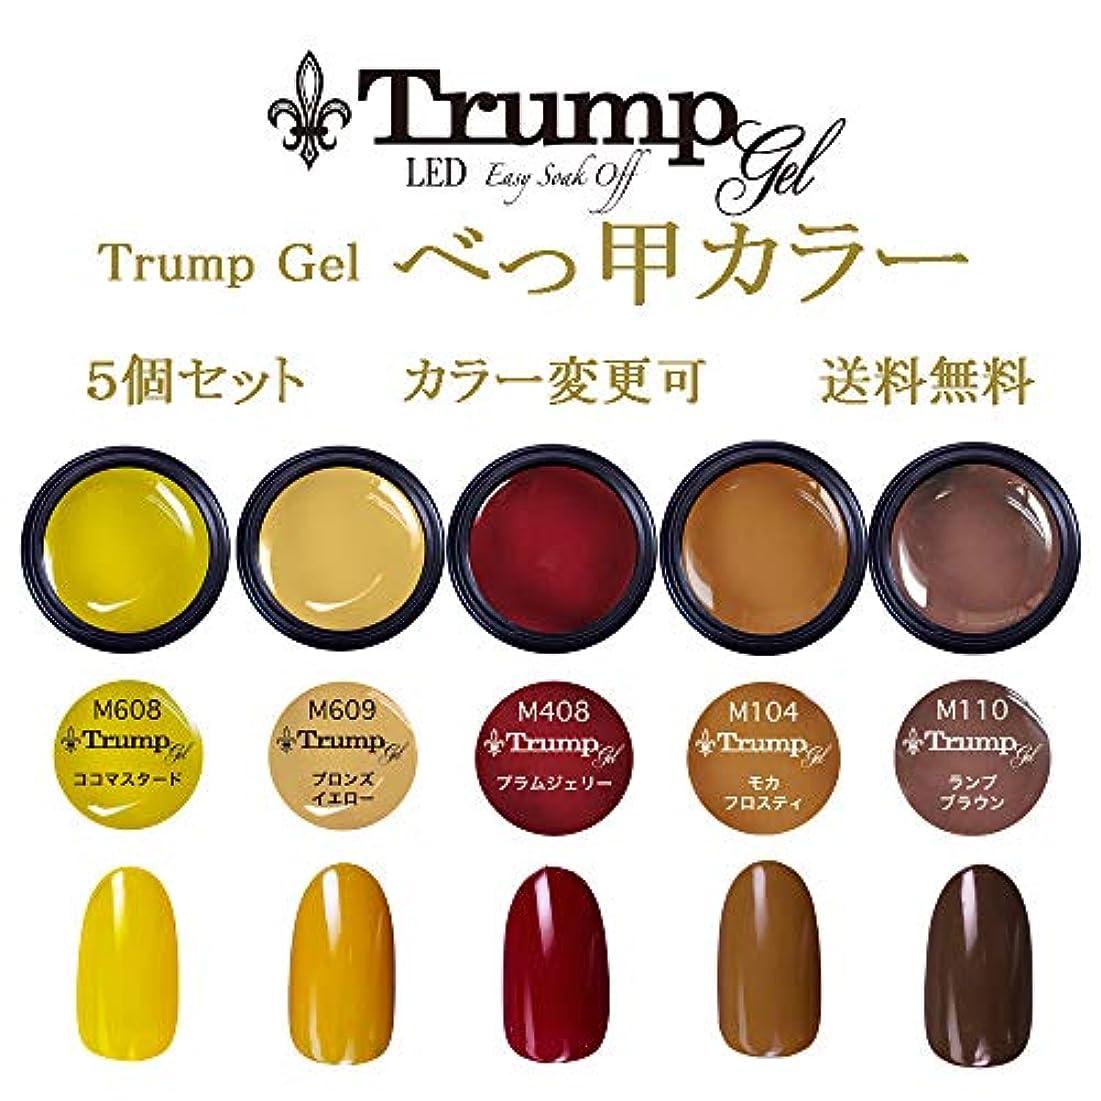 食欲位置づける資産日本製 Trump gel トランプジェル べっ甲 ネイルカラー 選べる カラージェル 5個セット イエロー ブラウン ワイン べっこう